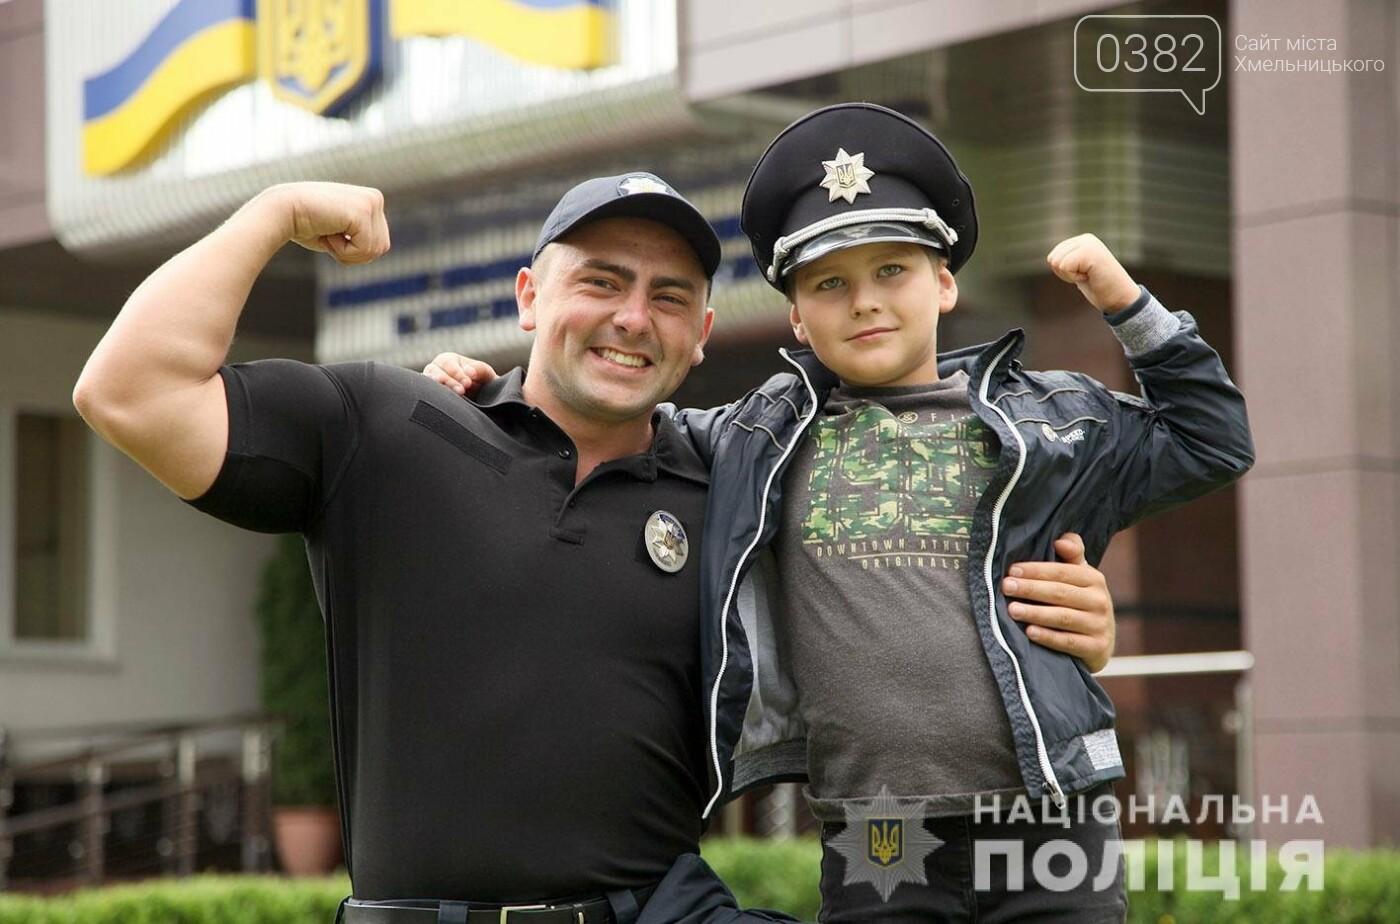 Хмельницькі поліцейські здійснили мрію 7-річного Артема , фото-7